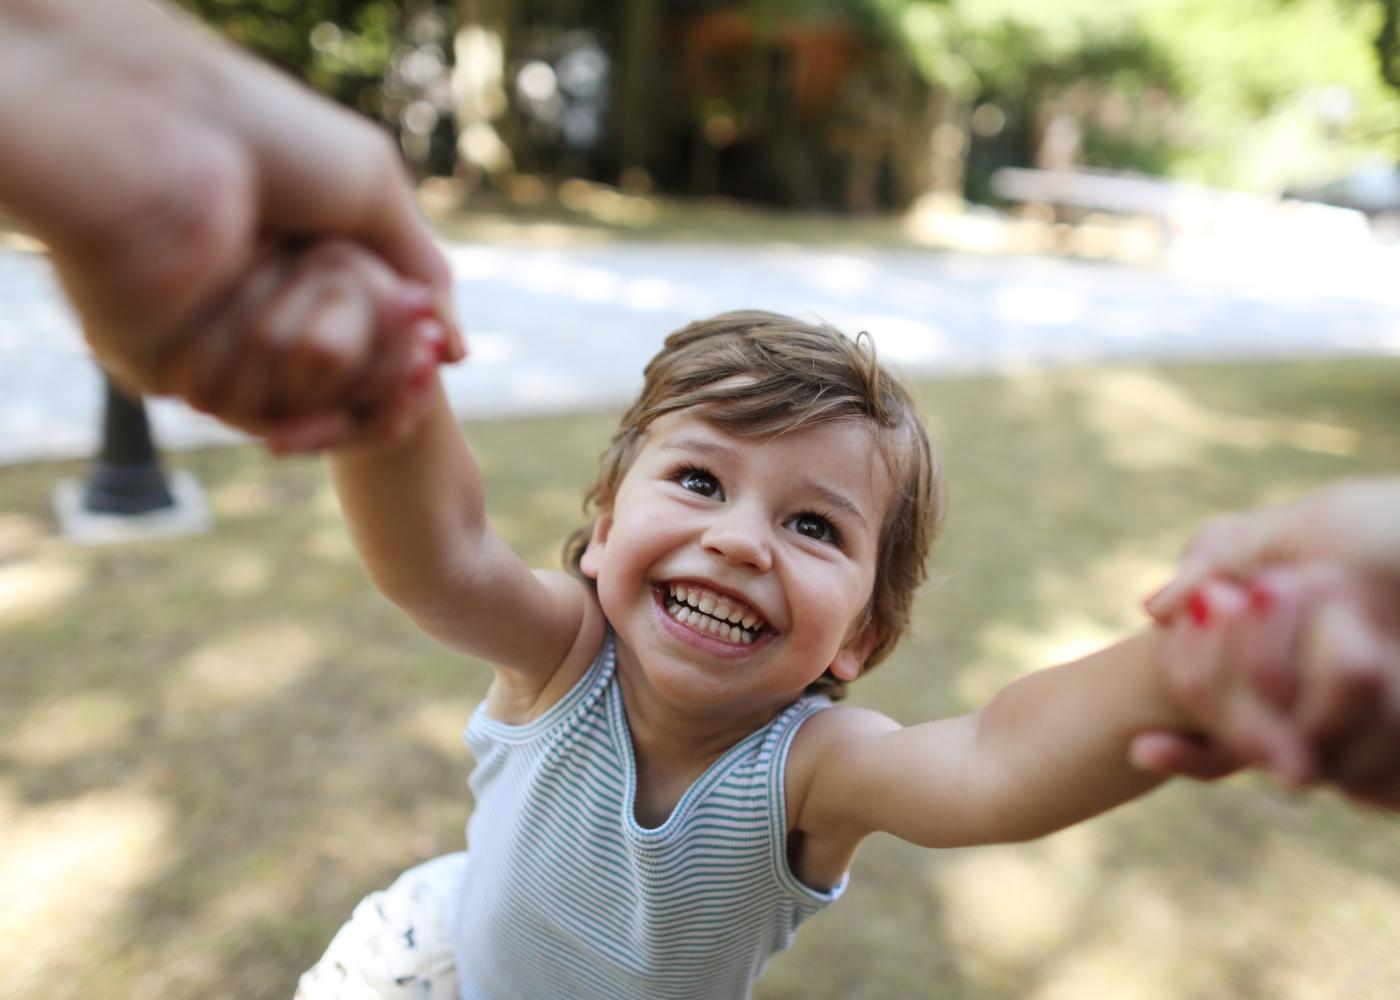 Mãe a brincar com a filha no jardim